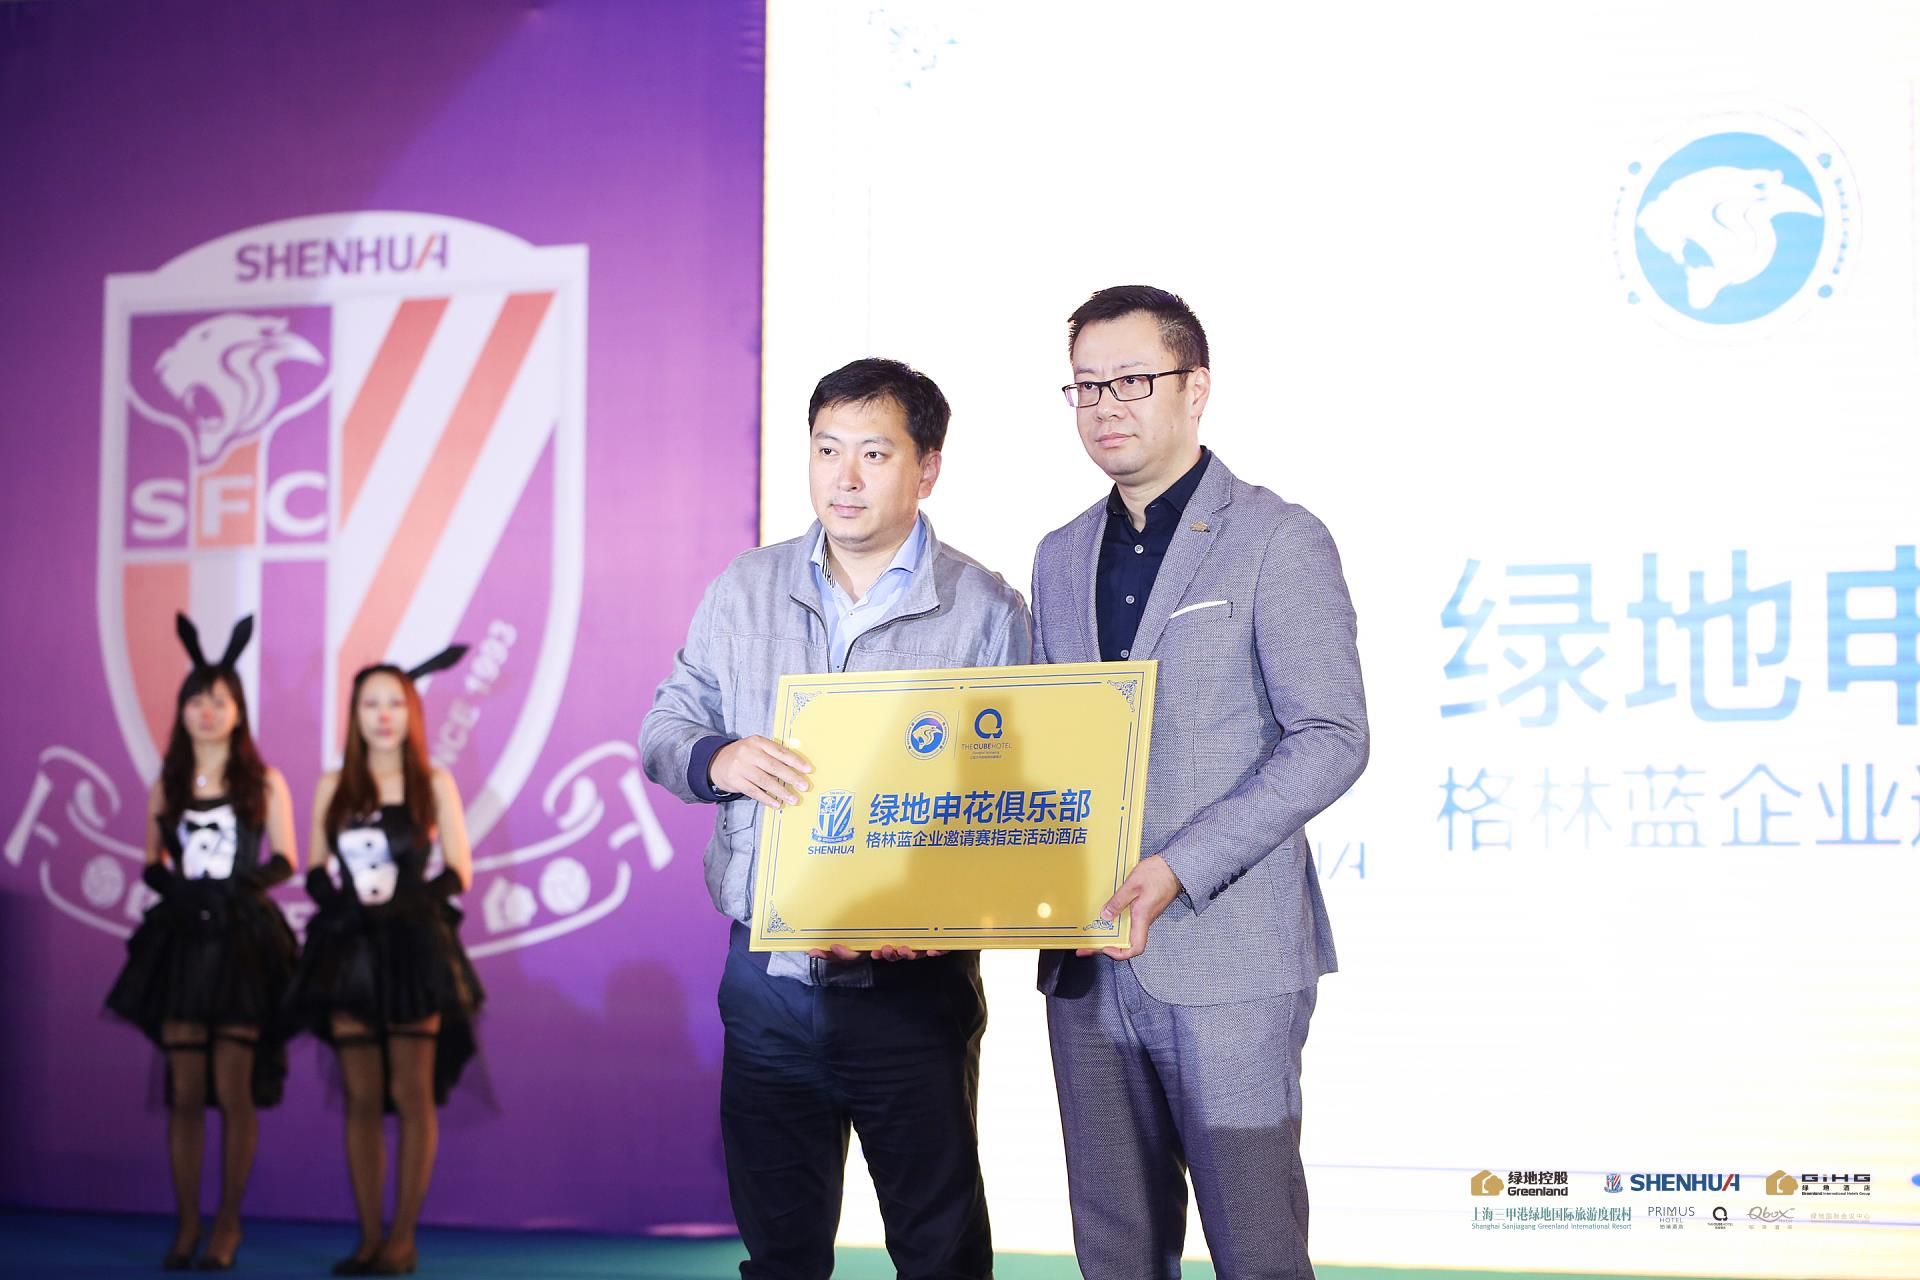 """2018格林蓝企业足球邀请赛""""万圣之夜""""嘉年华成功于沪举办"""